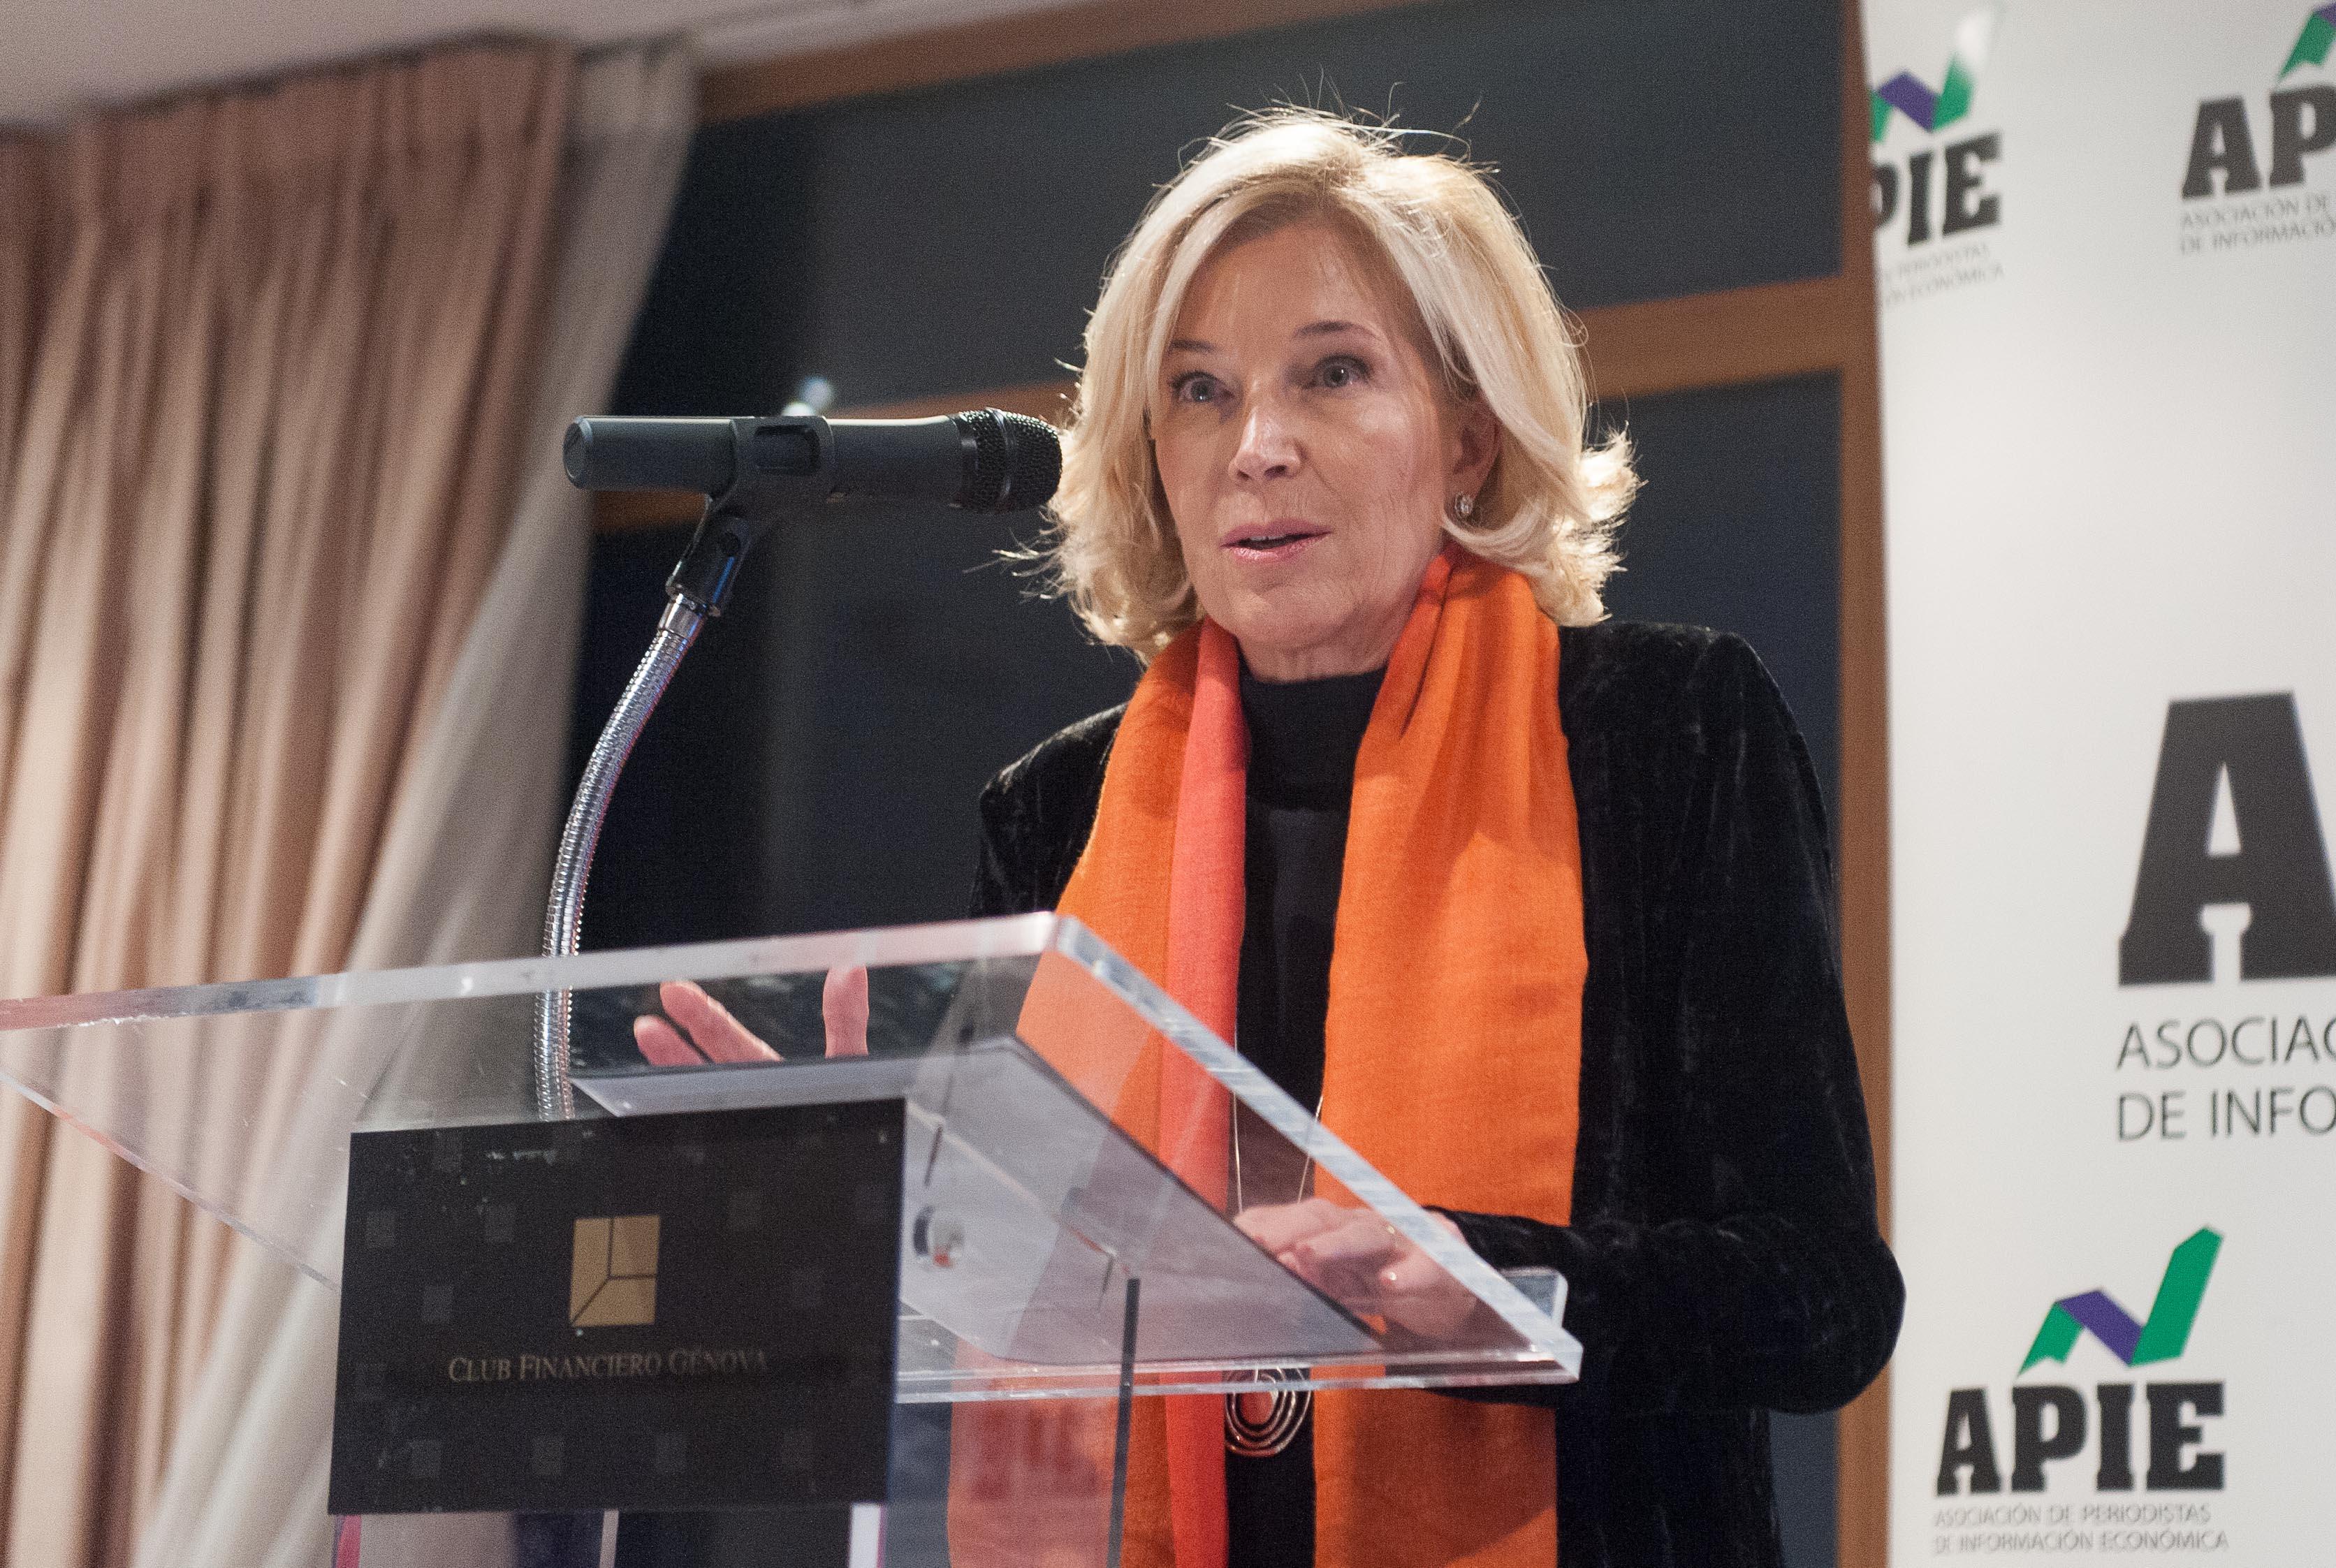 Consejera Delegada de Bankinter, durante su discurso de agradecimiento por el accesit al premio Tintero recibido en la entrega de los premios Tintero y Secante 2017, otorgados por la APIE.